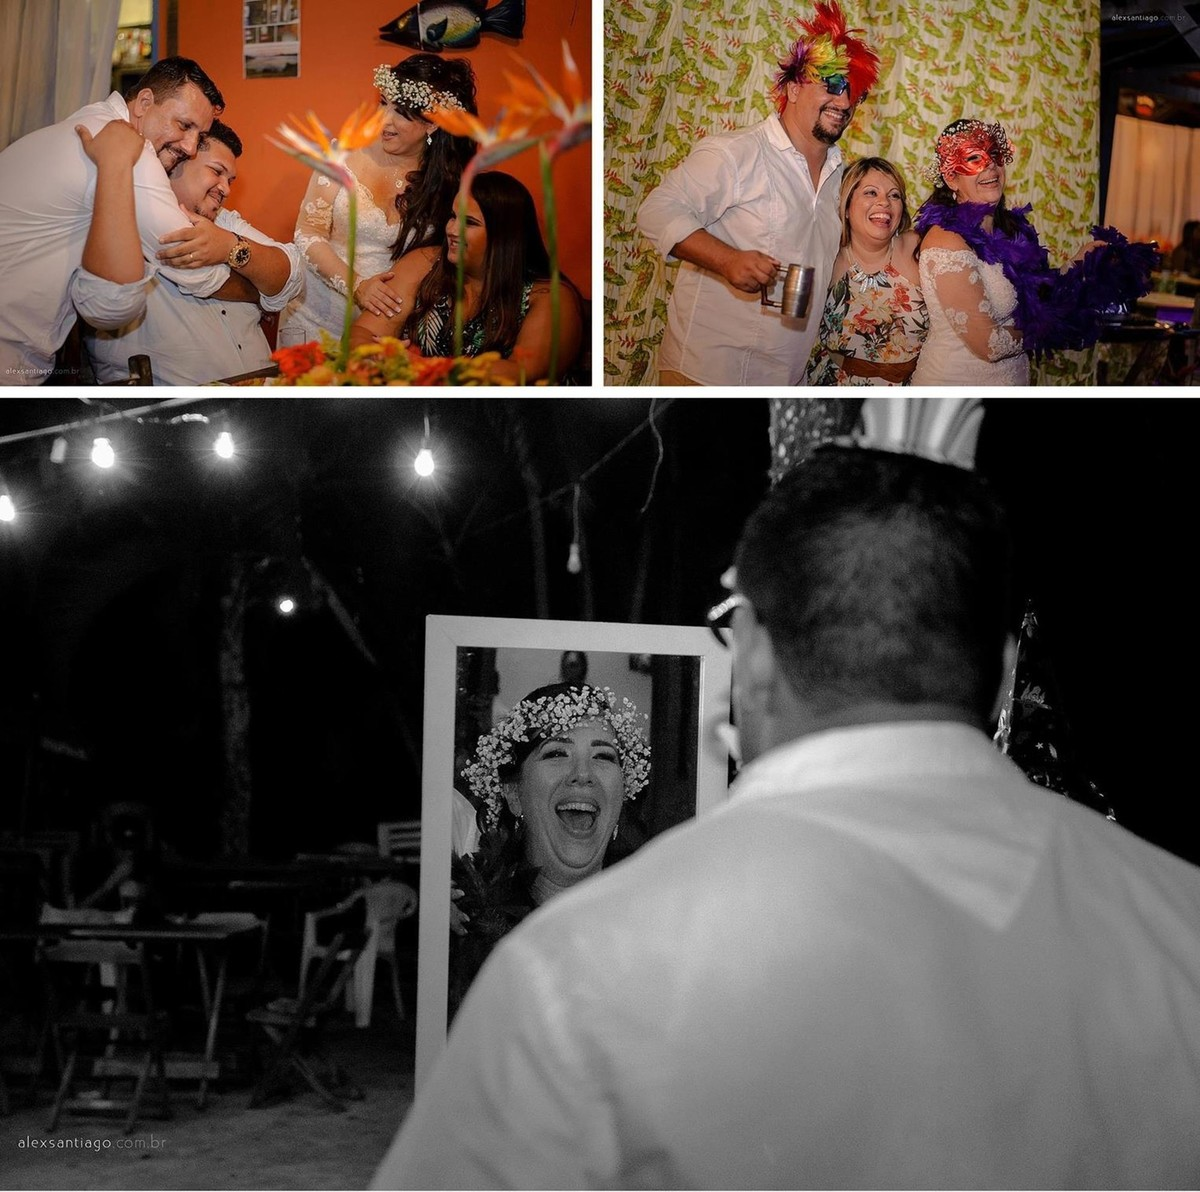 wedding paraty, wedding photographer brazil, wedding photographer rio de janeiro, destination wedding brazil, fotógrafo de casamento criativo, fotografia divertida para casamento